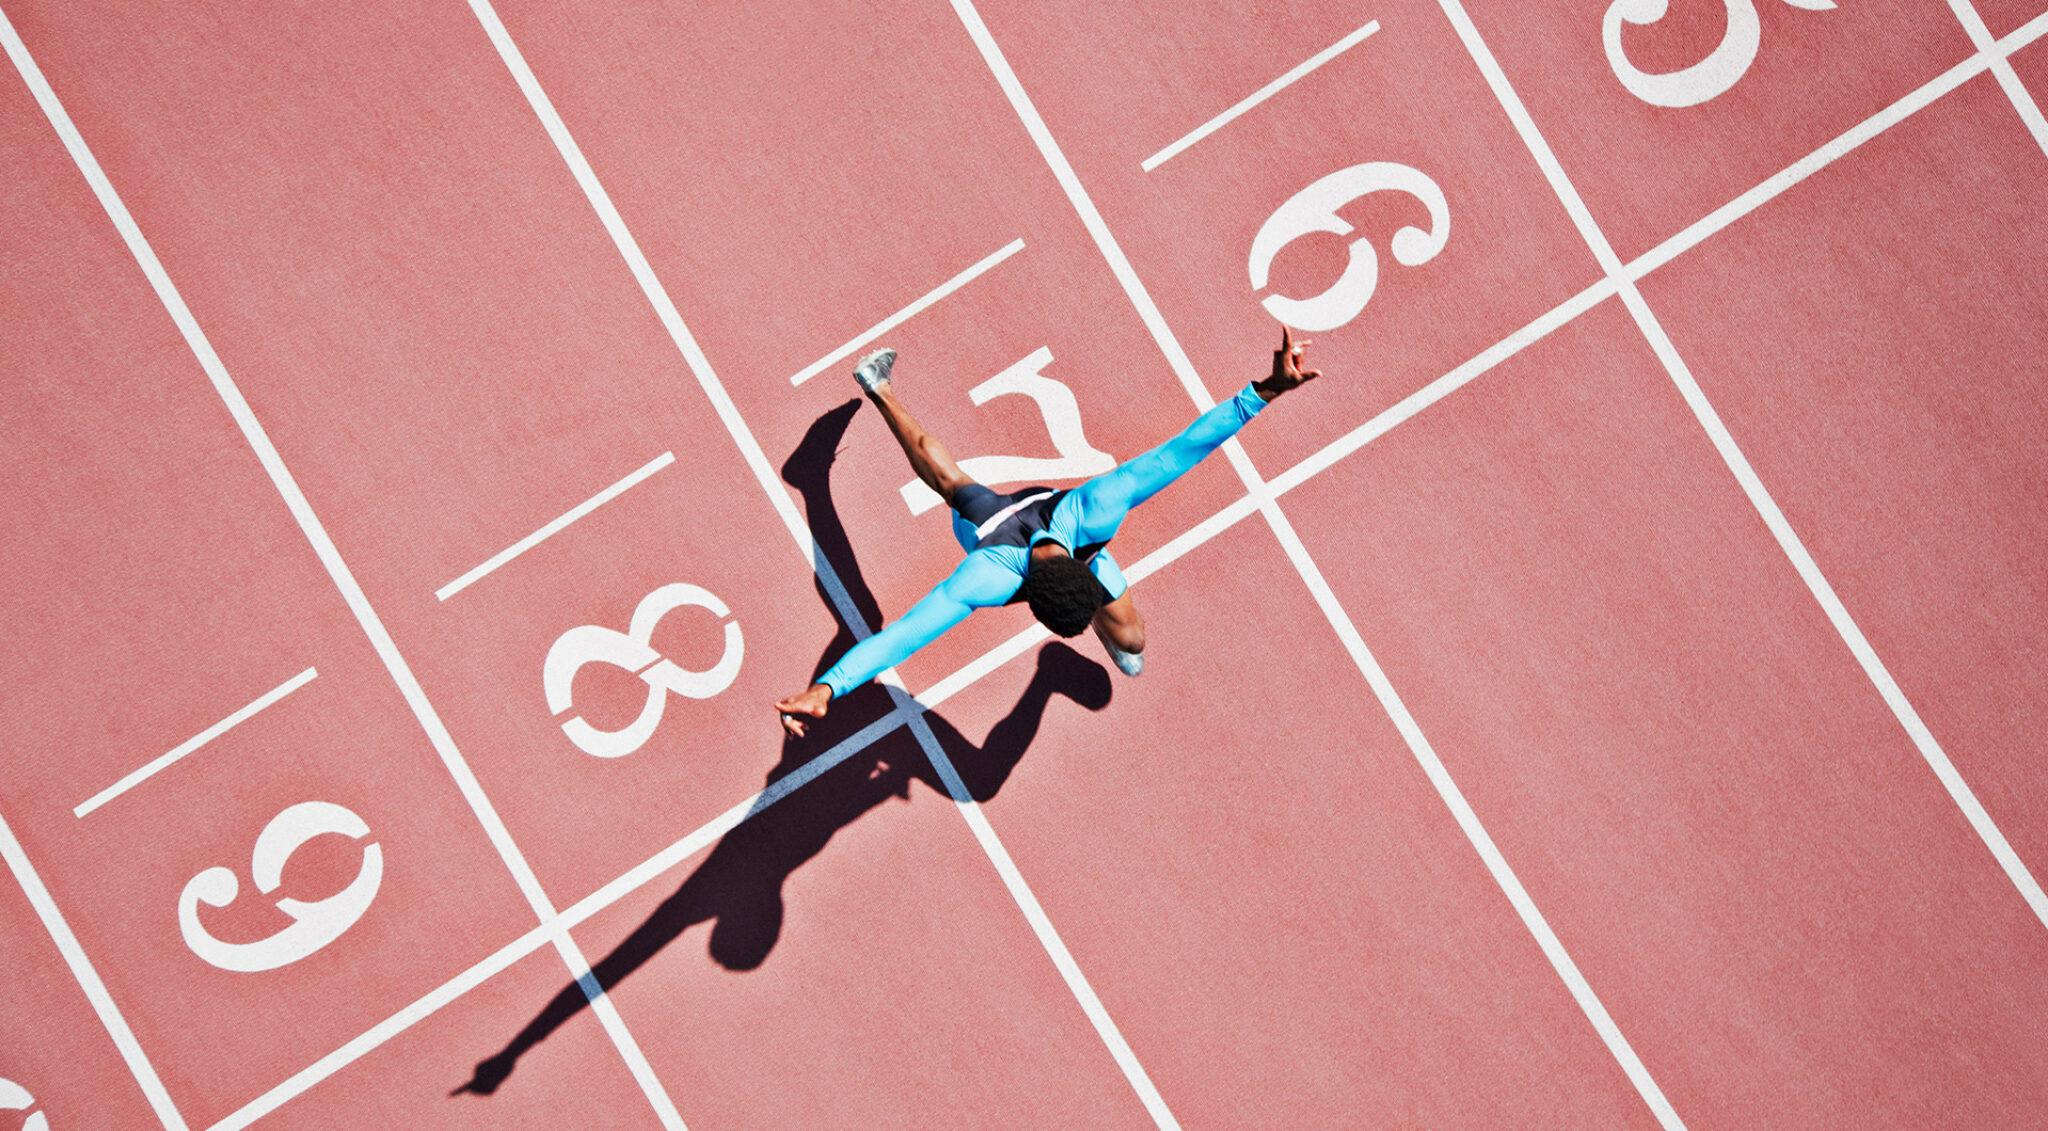 Läufer auf der Laufbahn aus der Vogelperspektive.